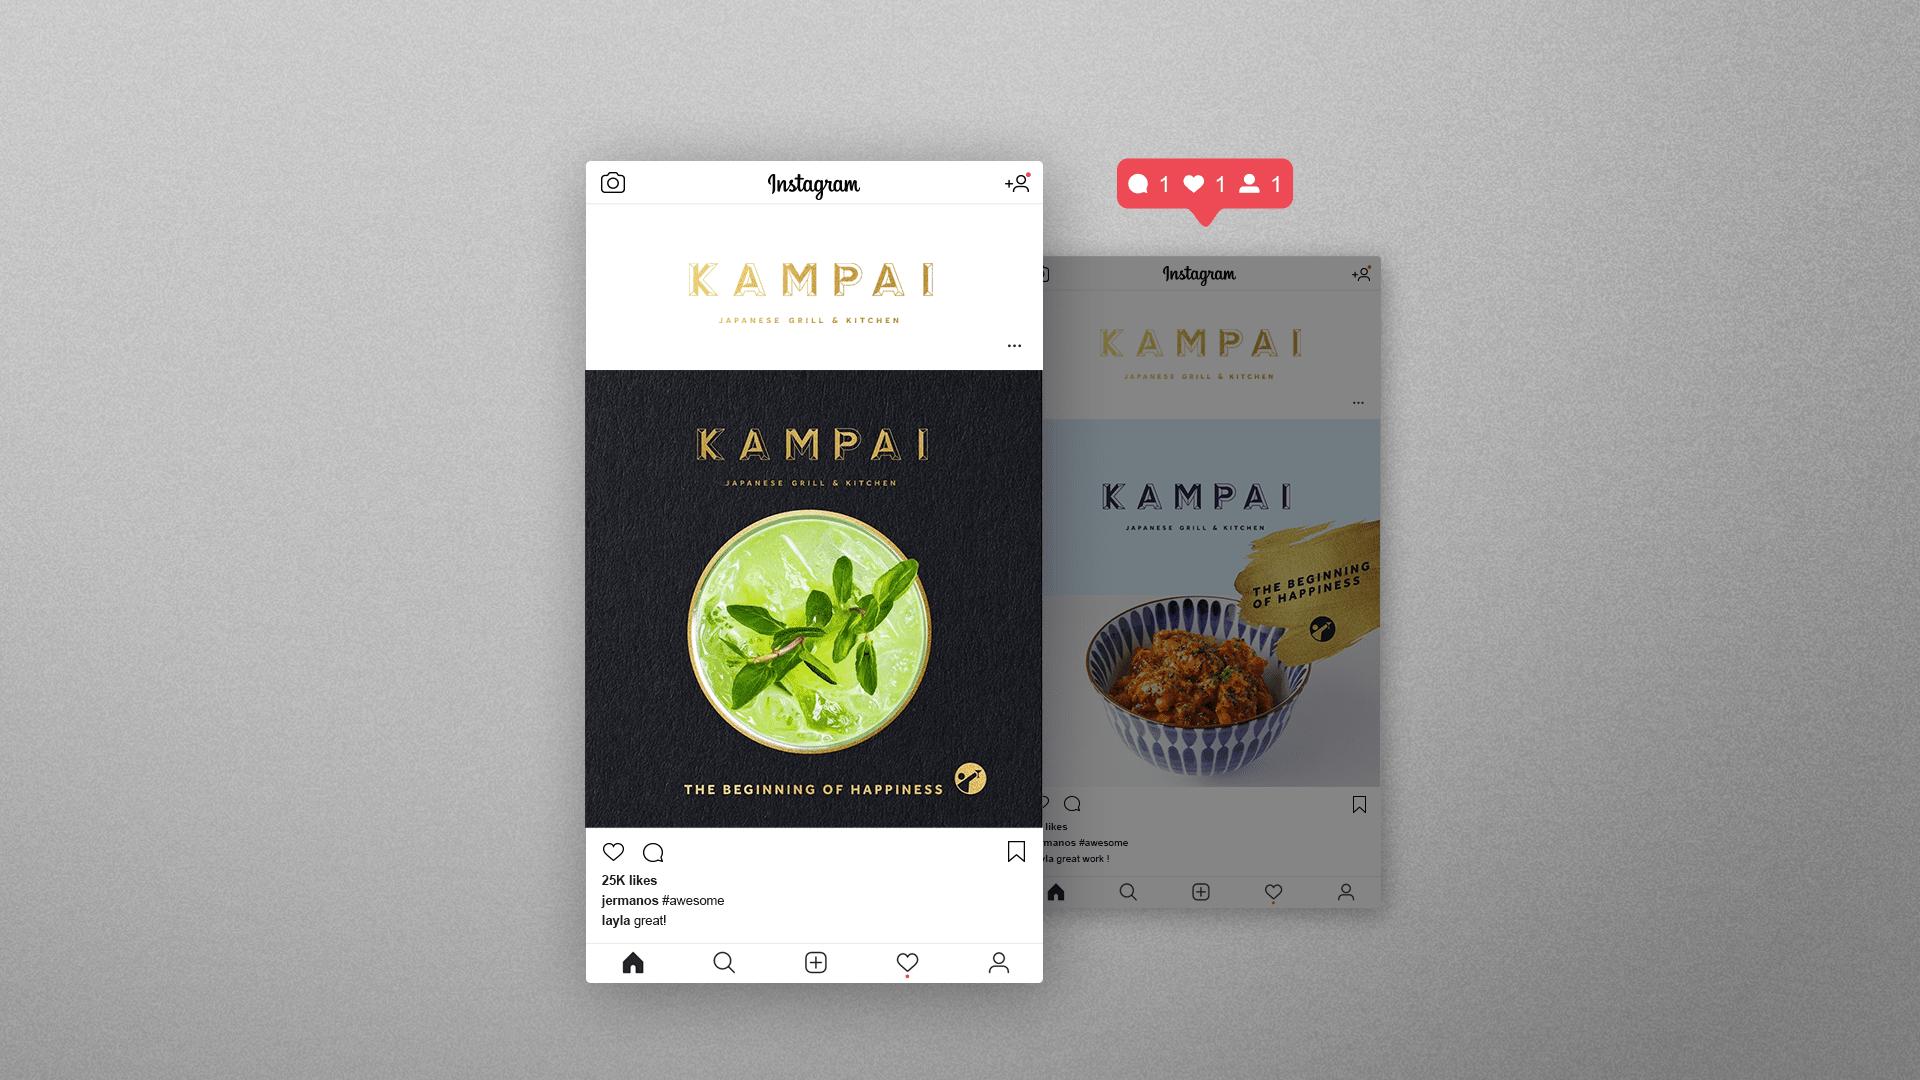 IG_Kampai-yoenpaperland